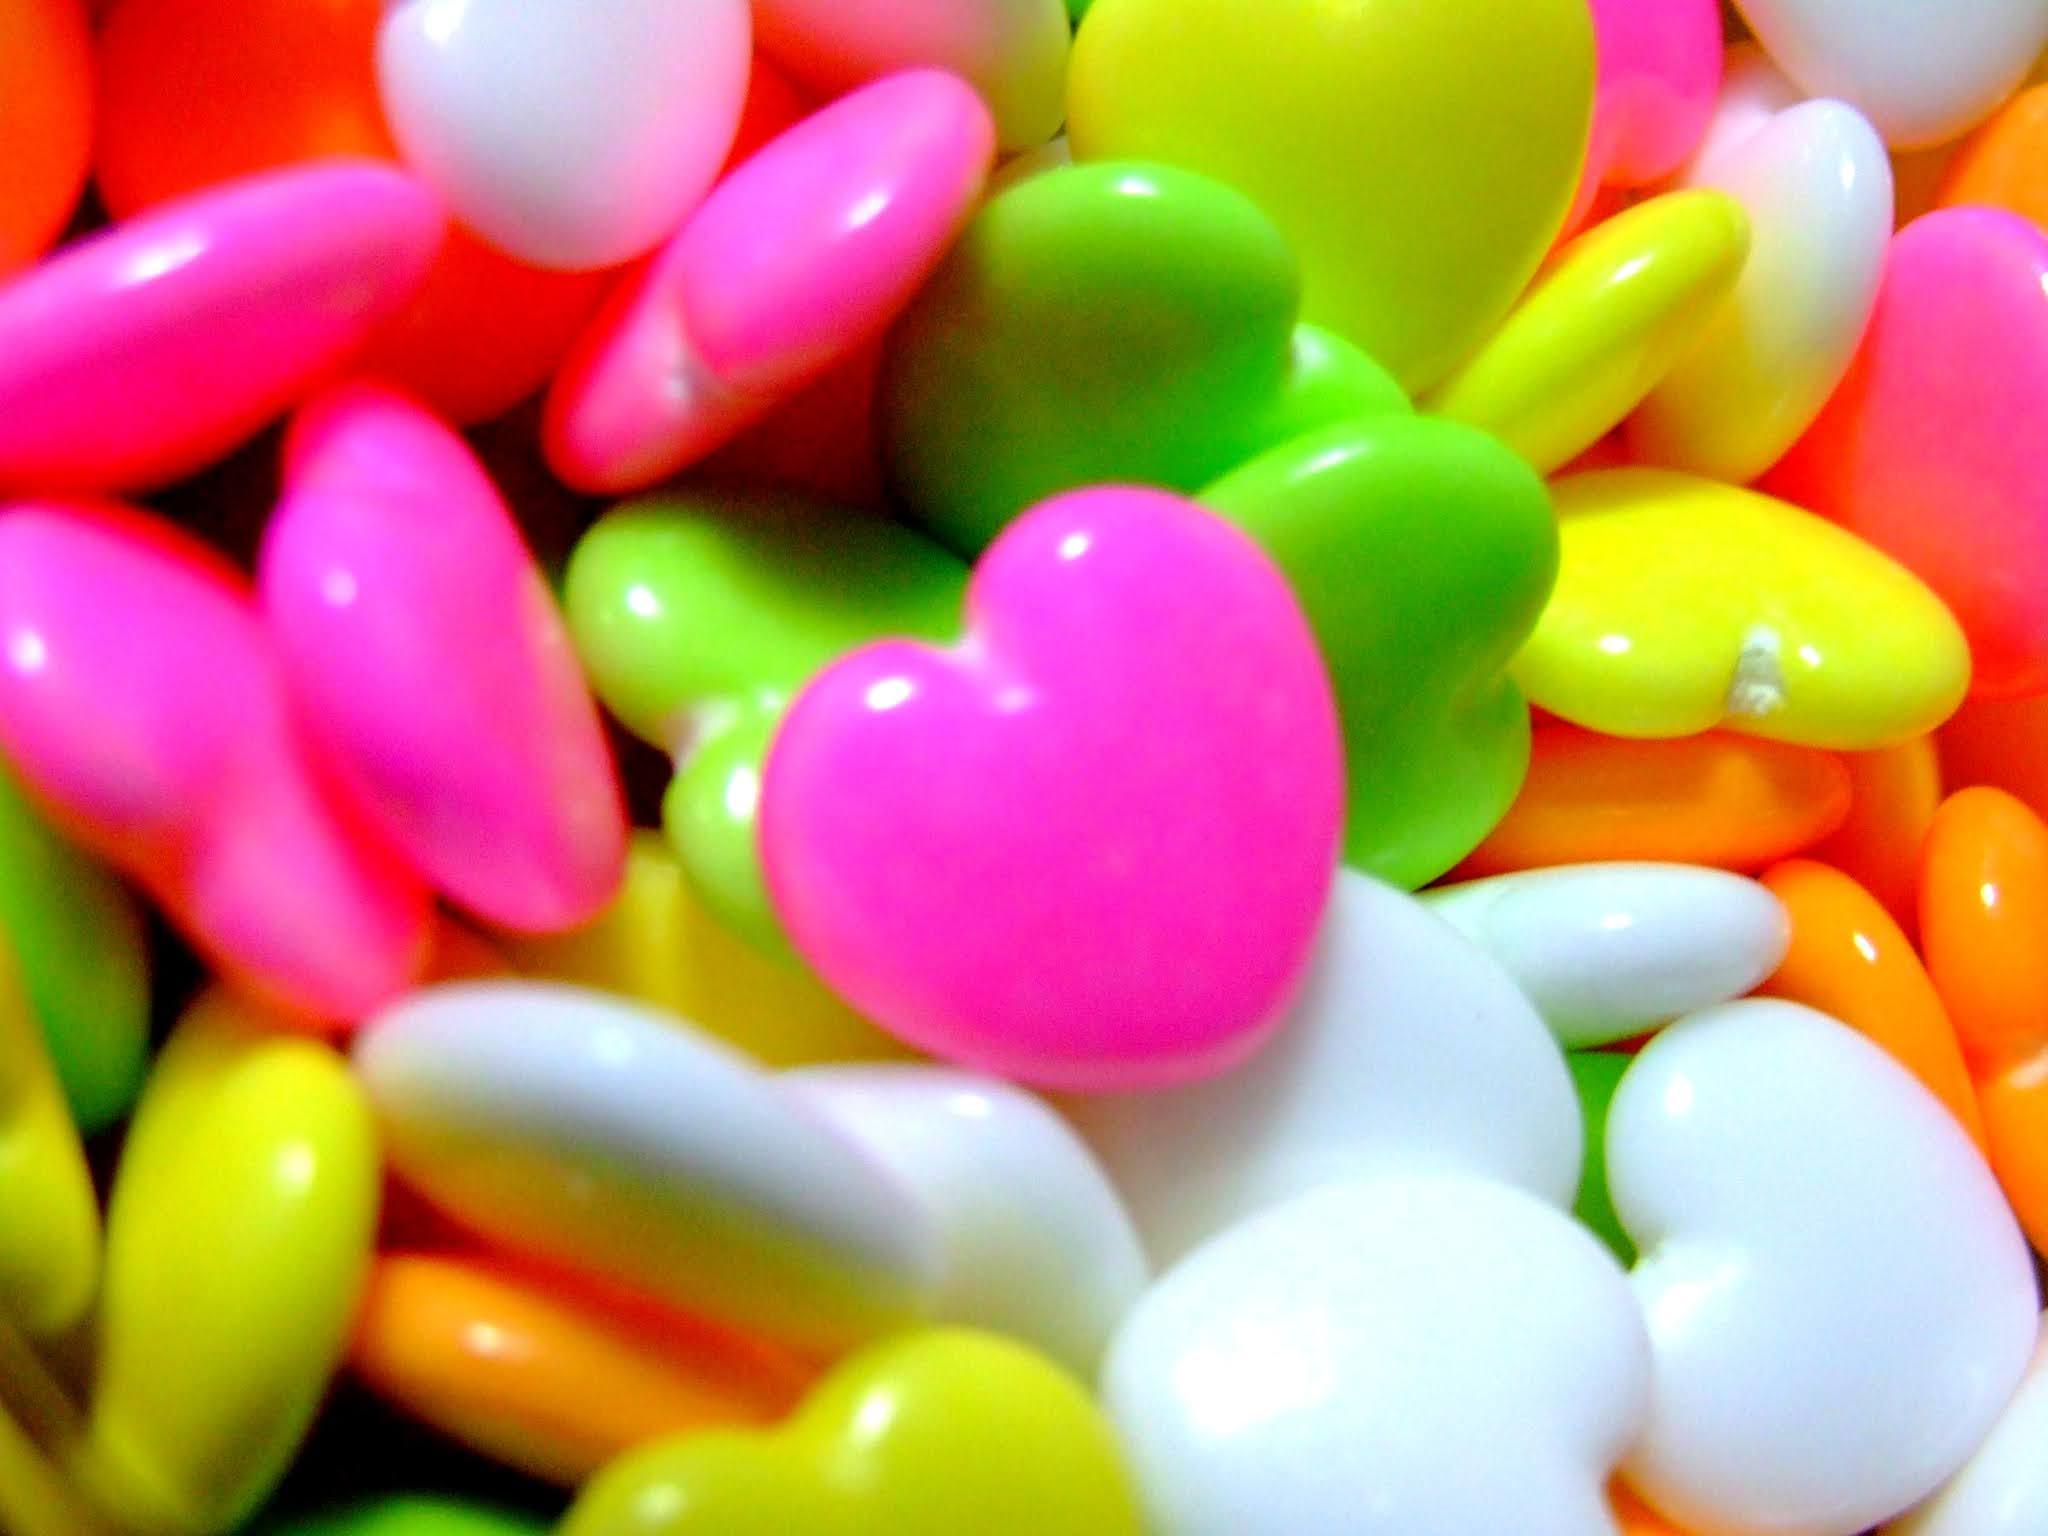 つやっつやのハートが可愛い、糖衣ラムネ菓子の写真素材です。ハートの形と蛍光色のビタミンカラーに元気が貰えそうですよね。